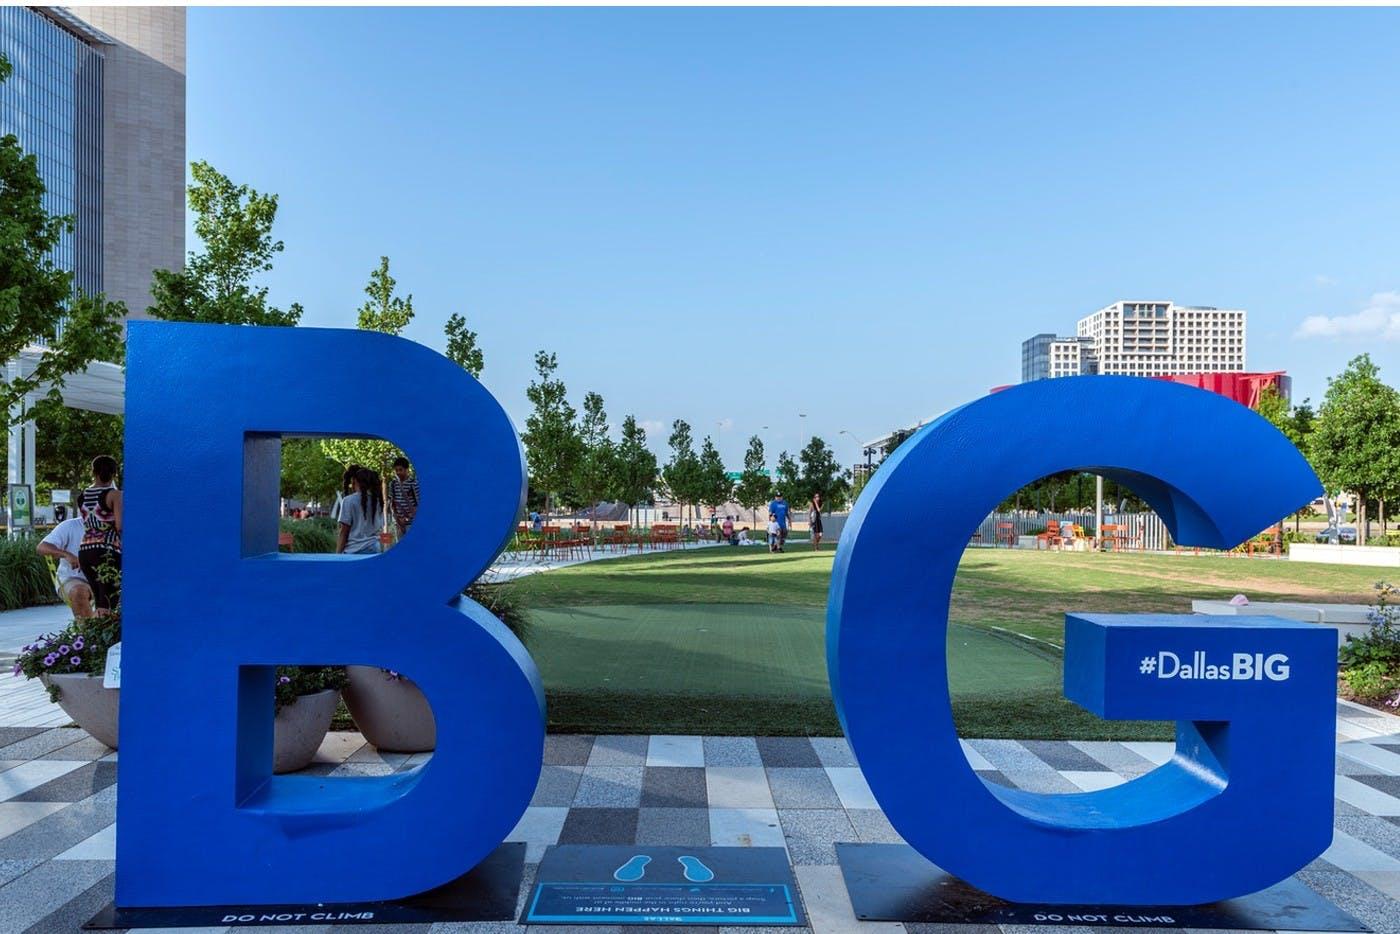 BIG sculpture at Klyde Warren Park